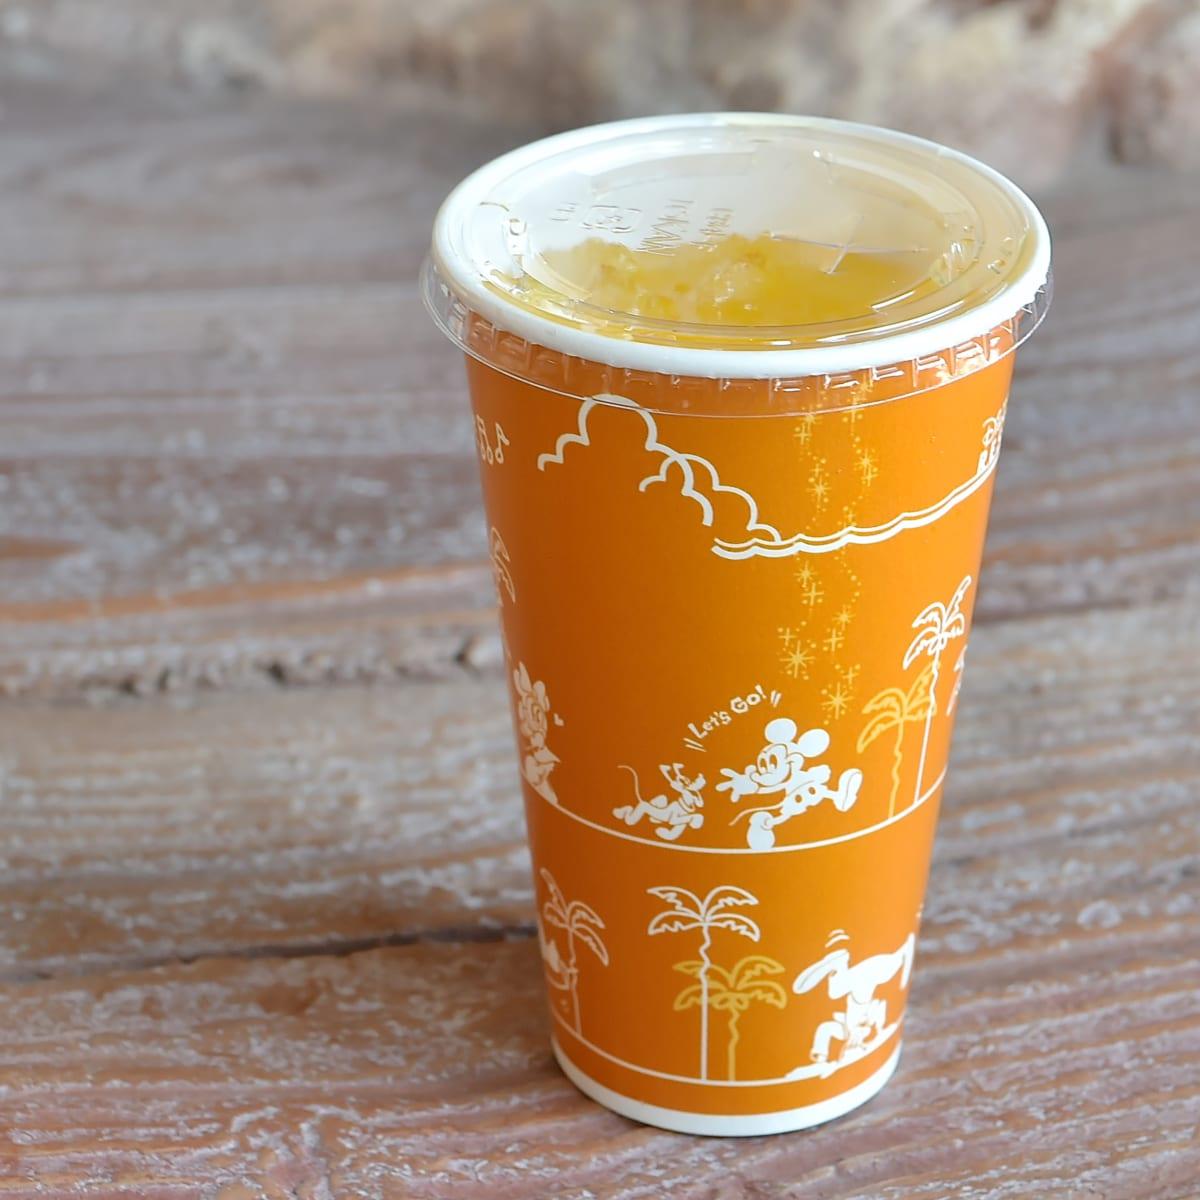 グランマ・サラのキッチン ディズニー・イースター2019 スペシャルセット  飲み物